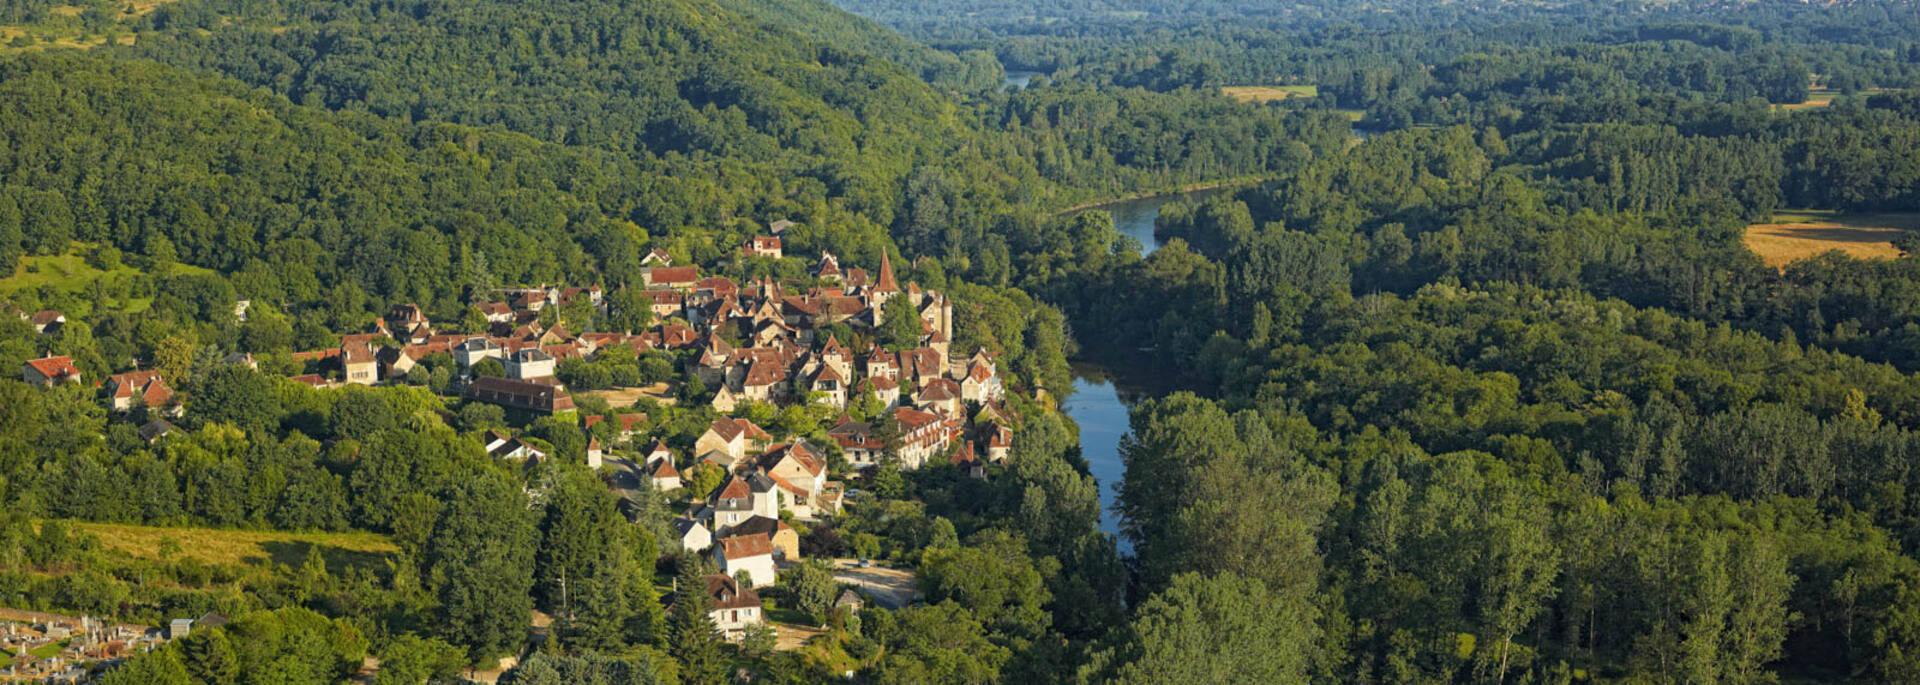 Carennac on the Dordogne River